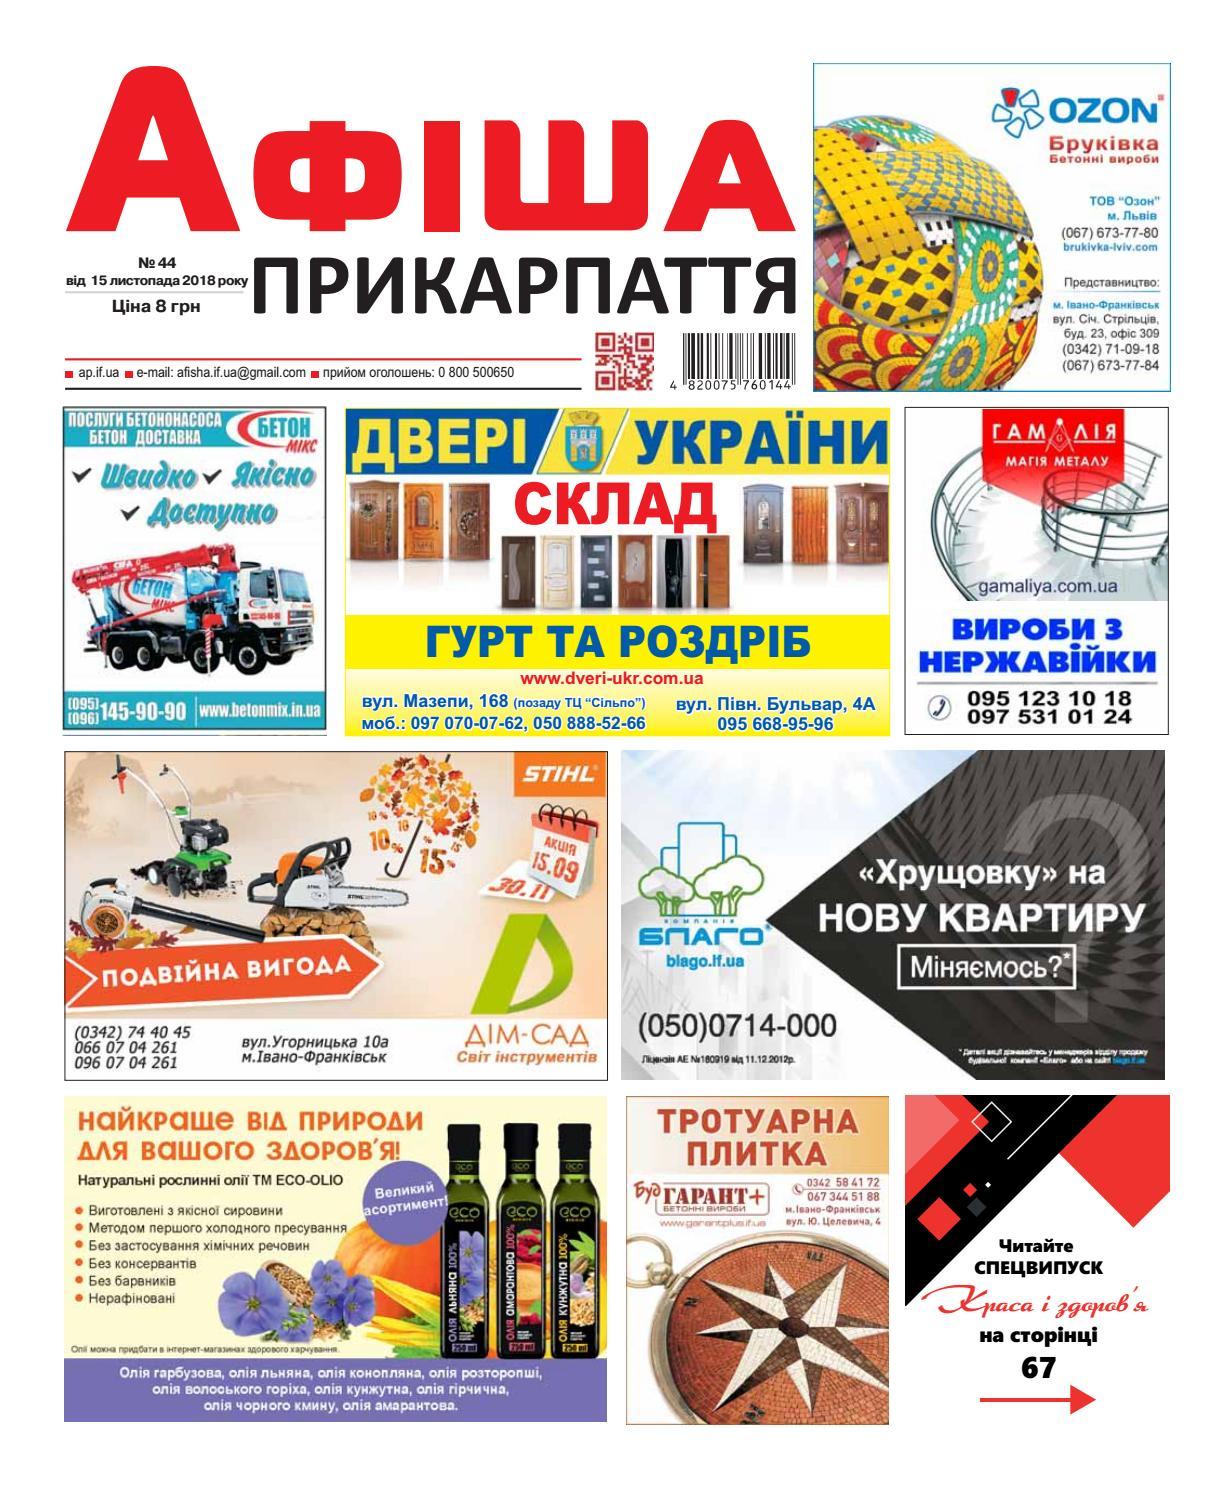 Афіша прикарпаття № 44 by Olya Olya - issuu 09d2ca4787960